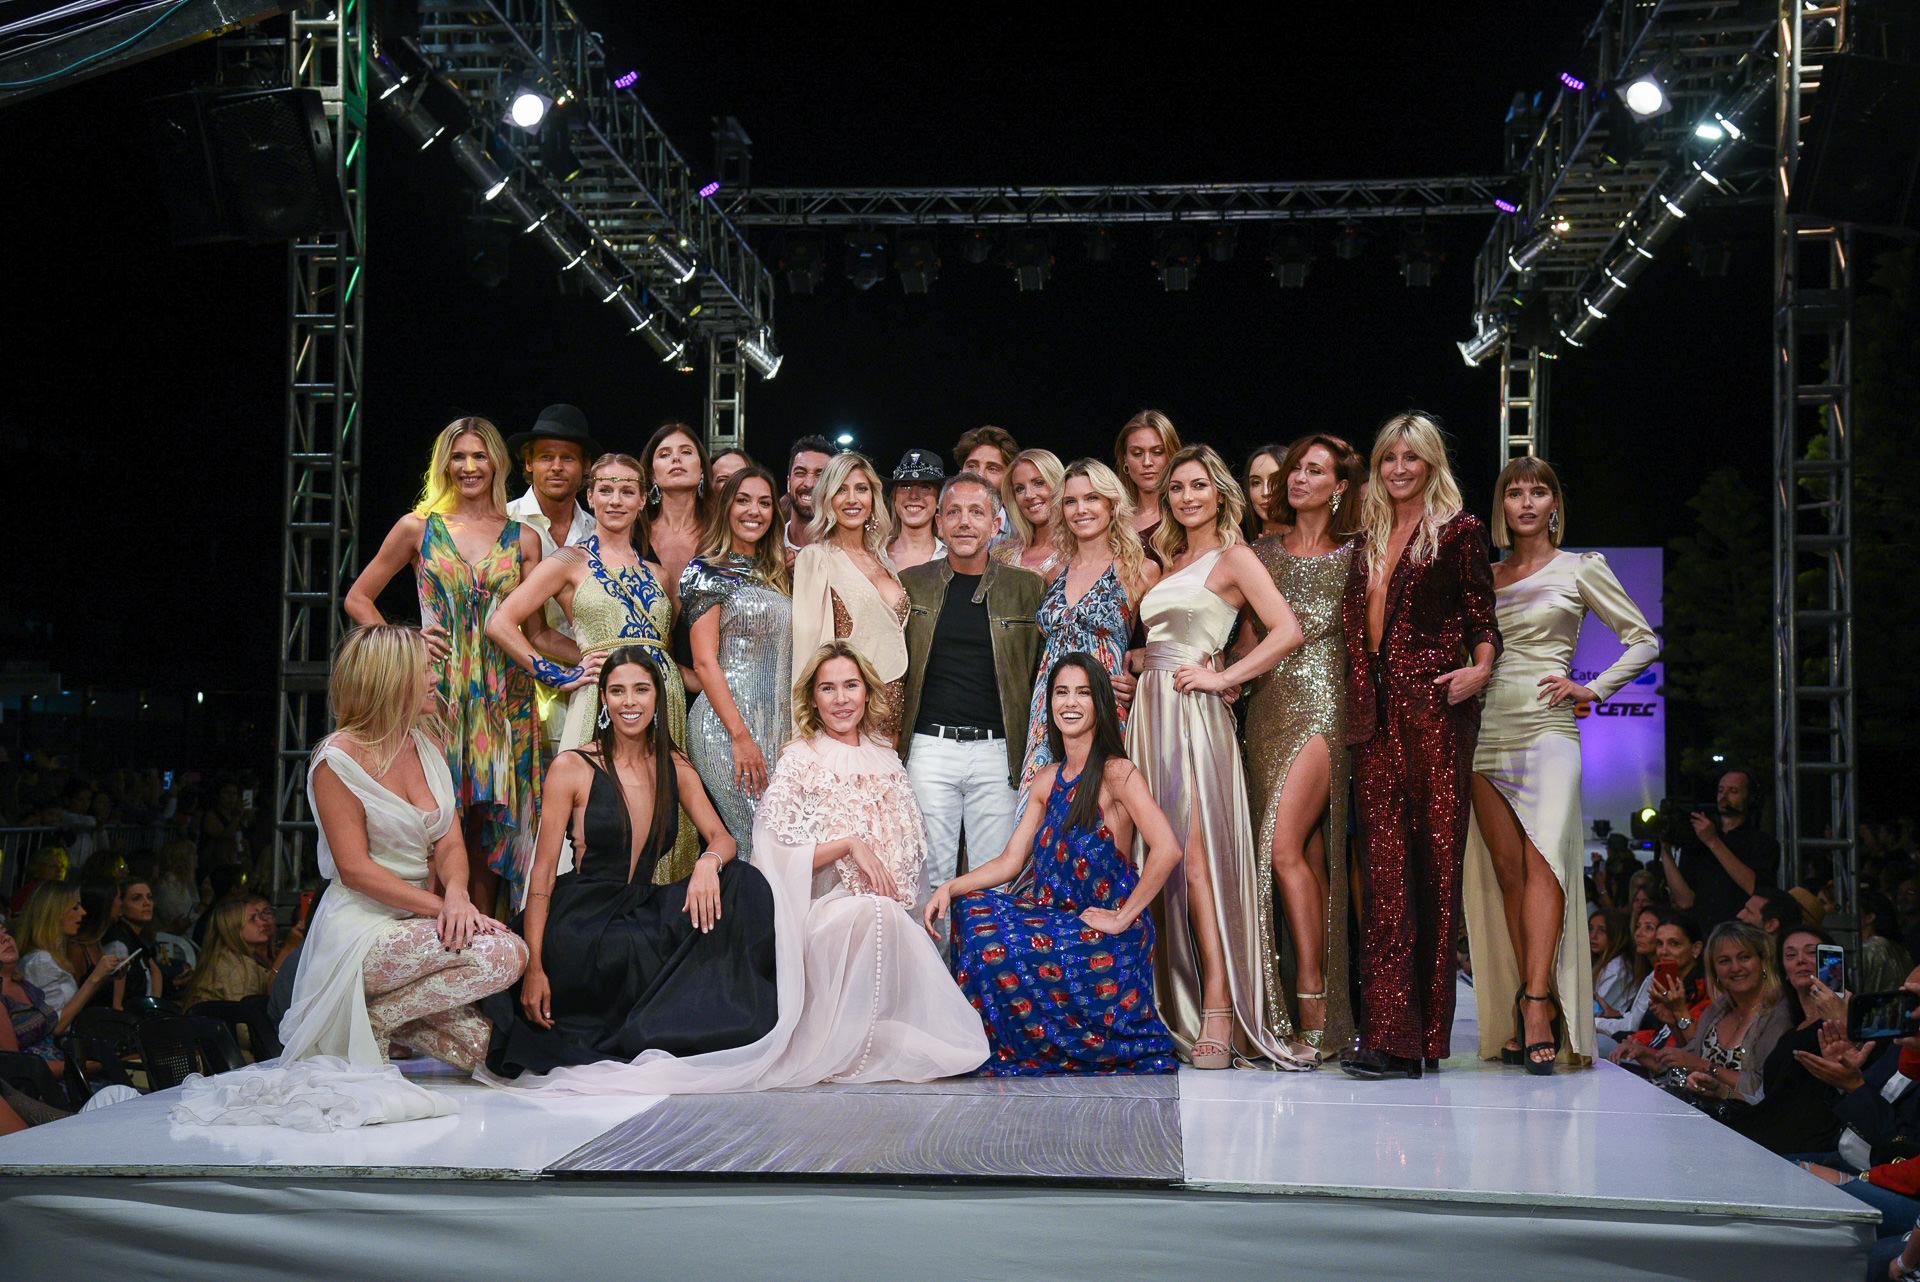 El show llegó a su fin con toda la creatividad de los diseñadores en la pasarela. Más de 60 modelos lucieron prendas y accesorios de 30 marcas en la pasarela para despedir y agradecer a los invitados